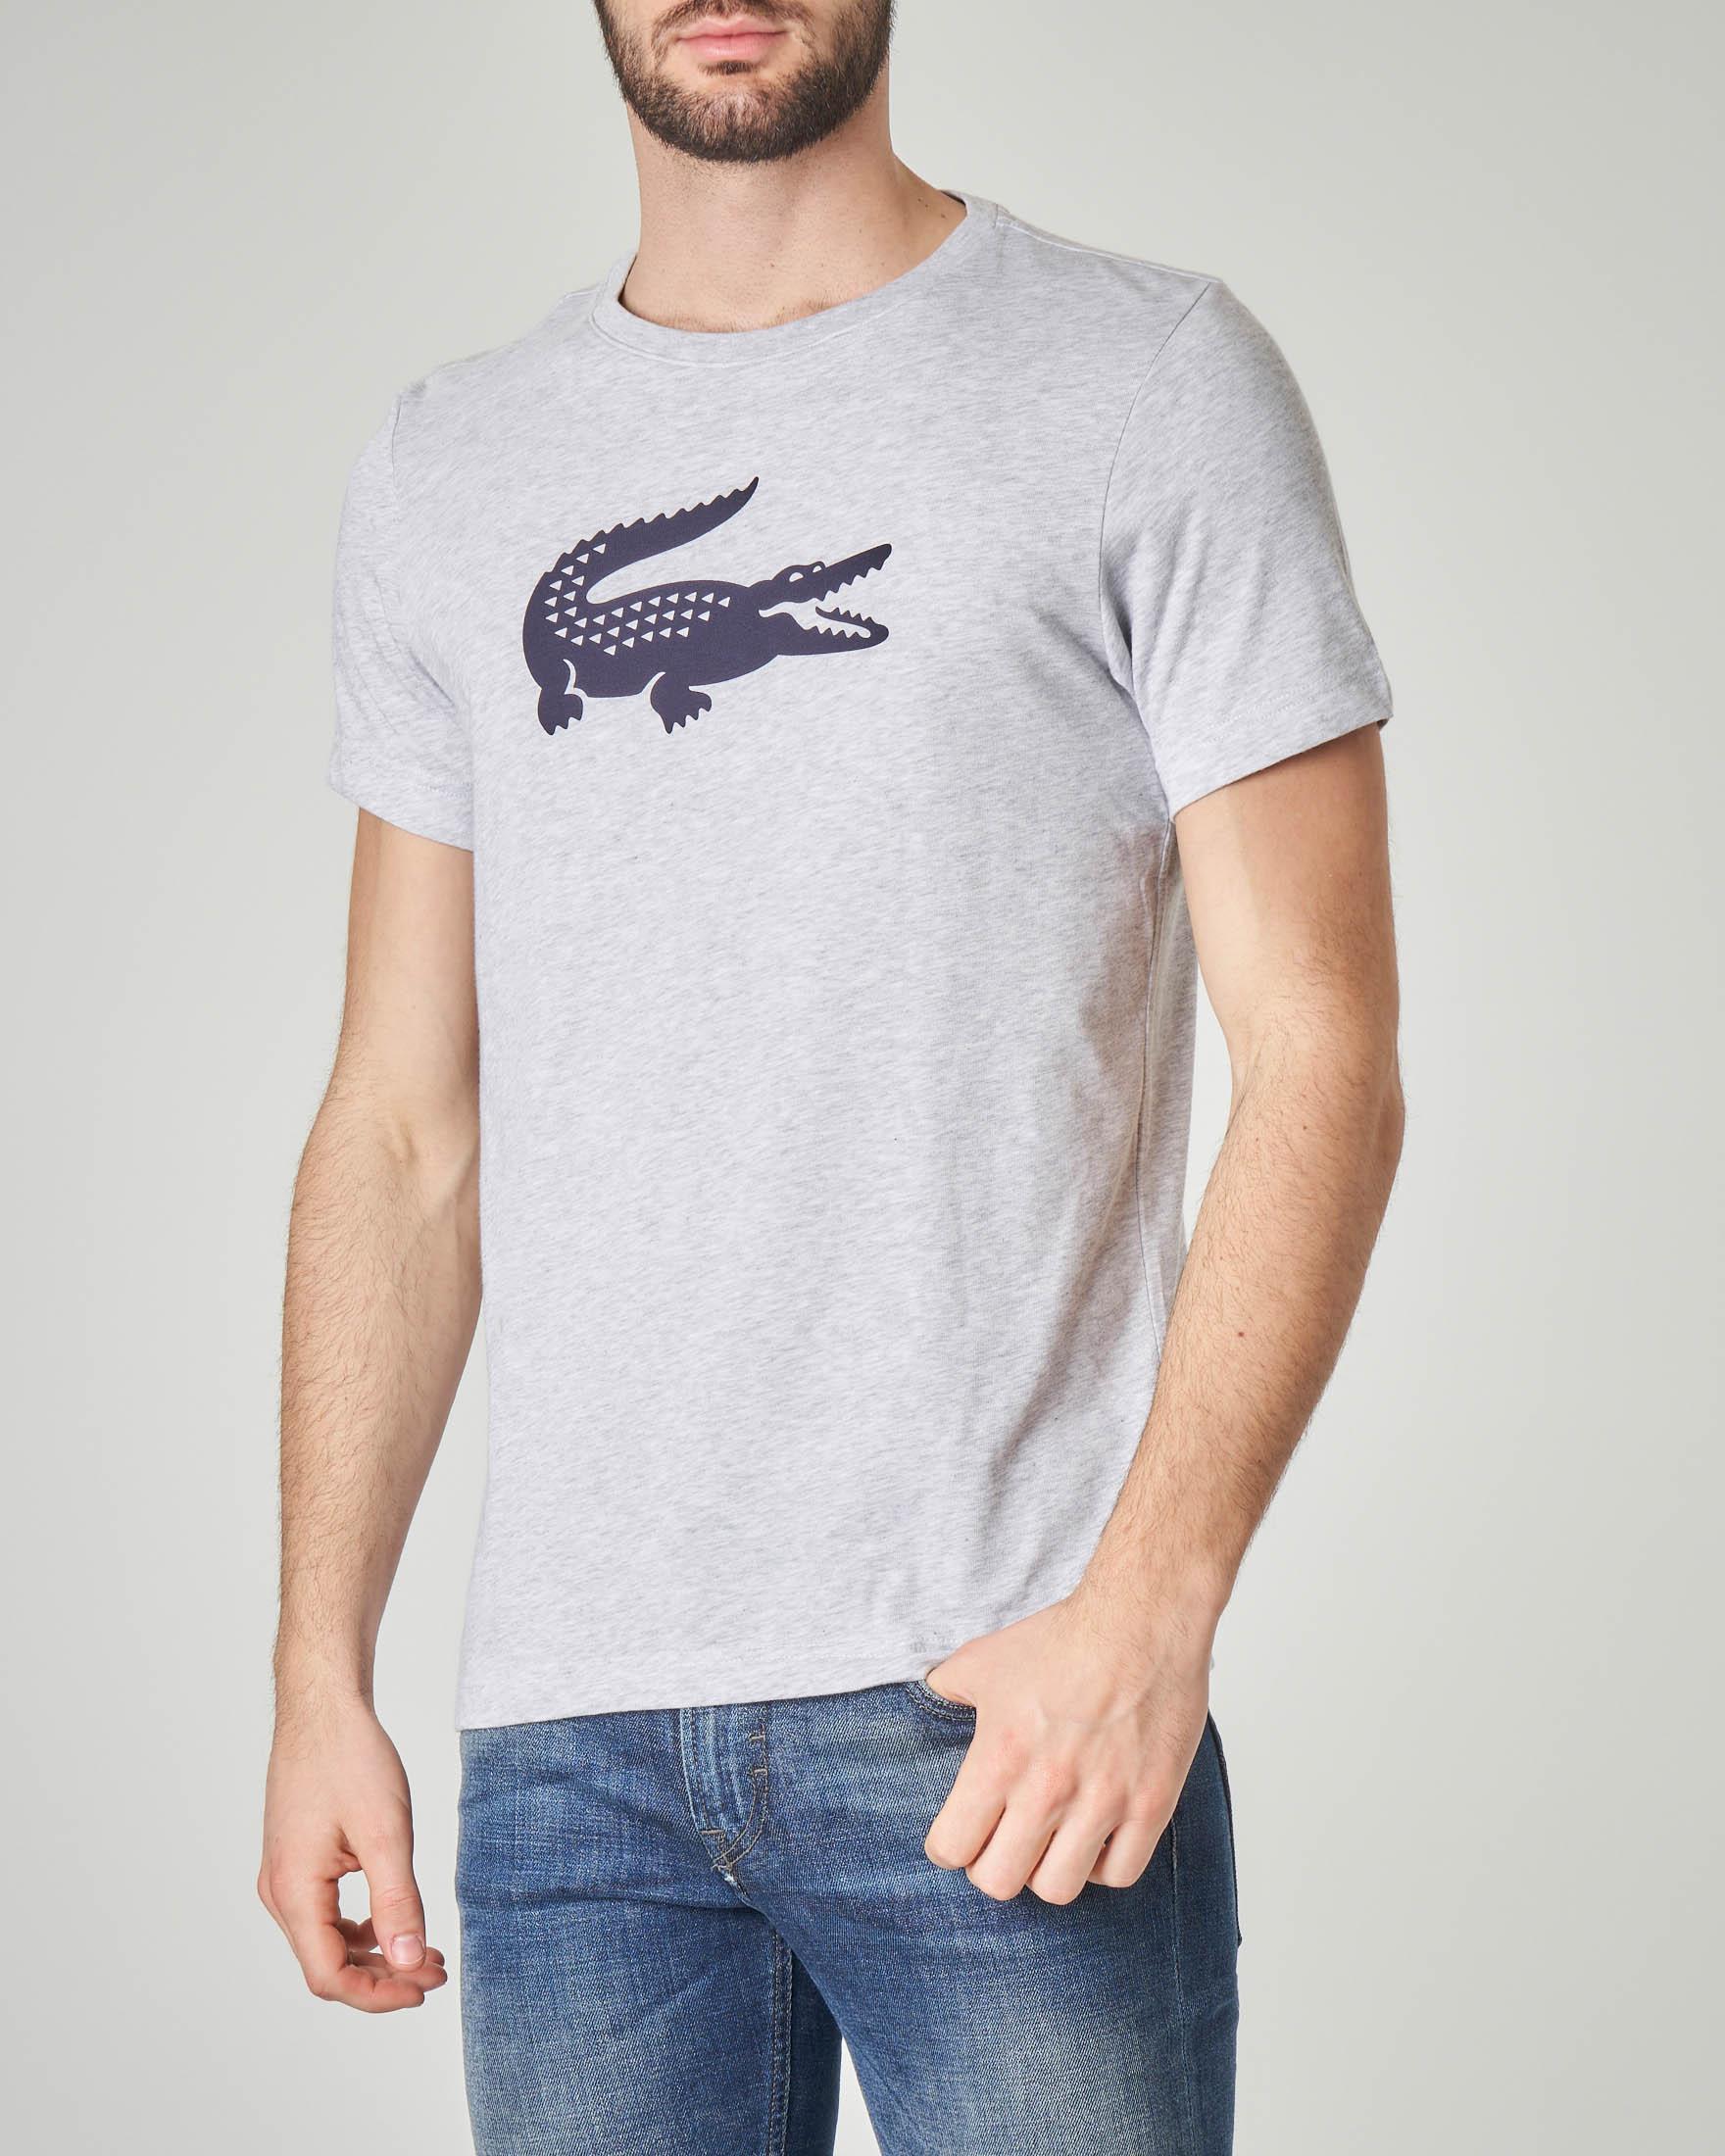 T-shirt grigio melange in jersey tecnico e logo coccodrillo blu